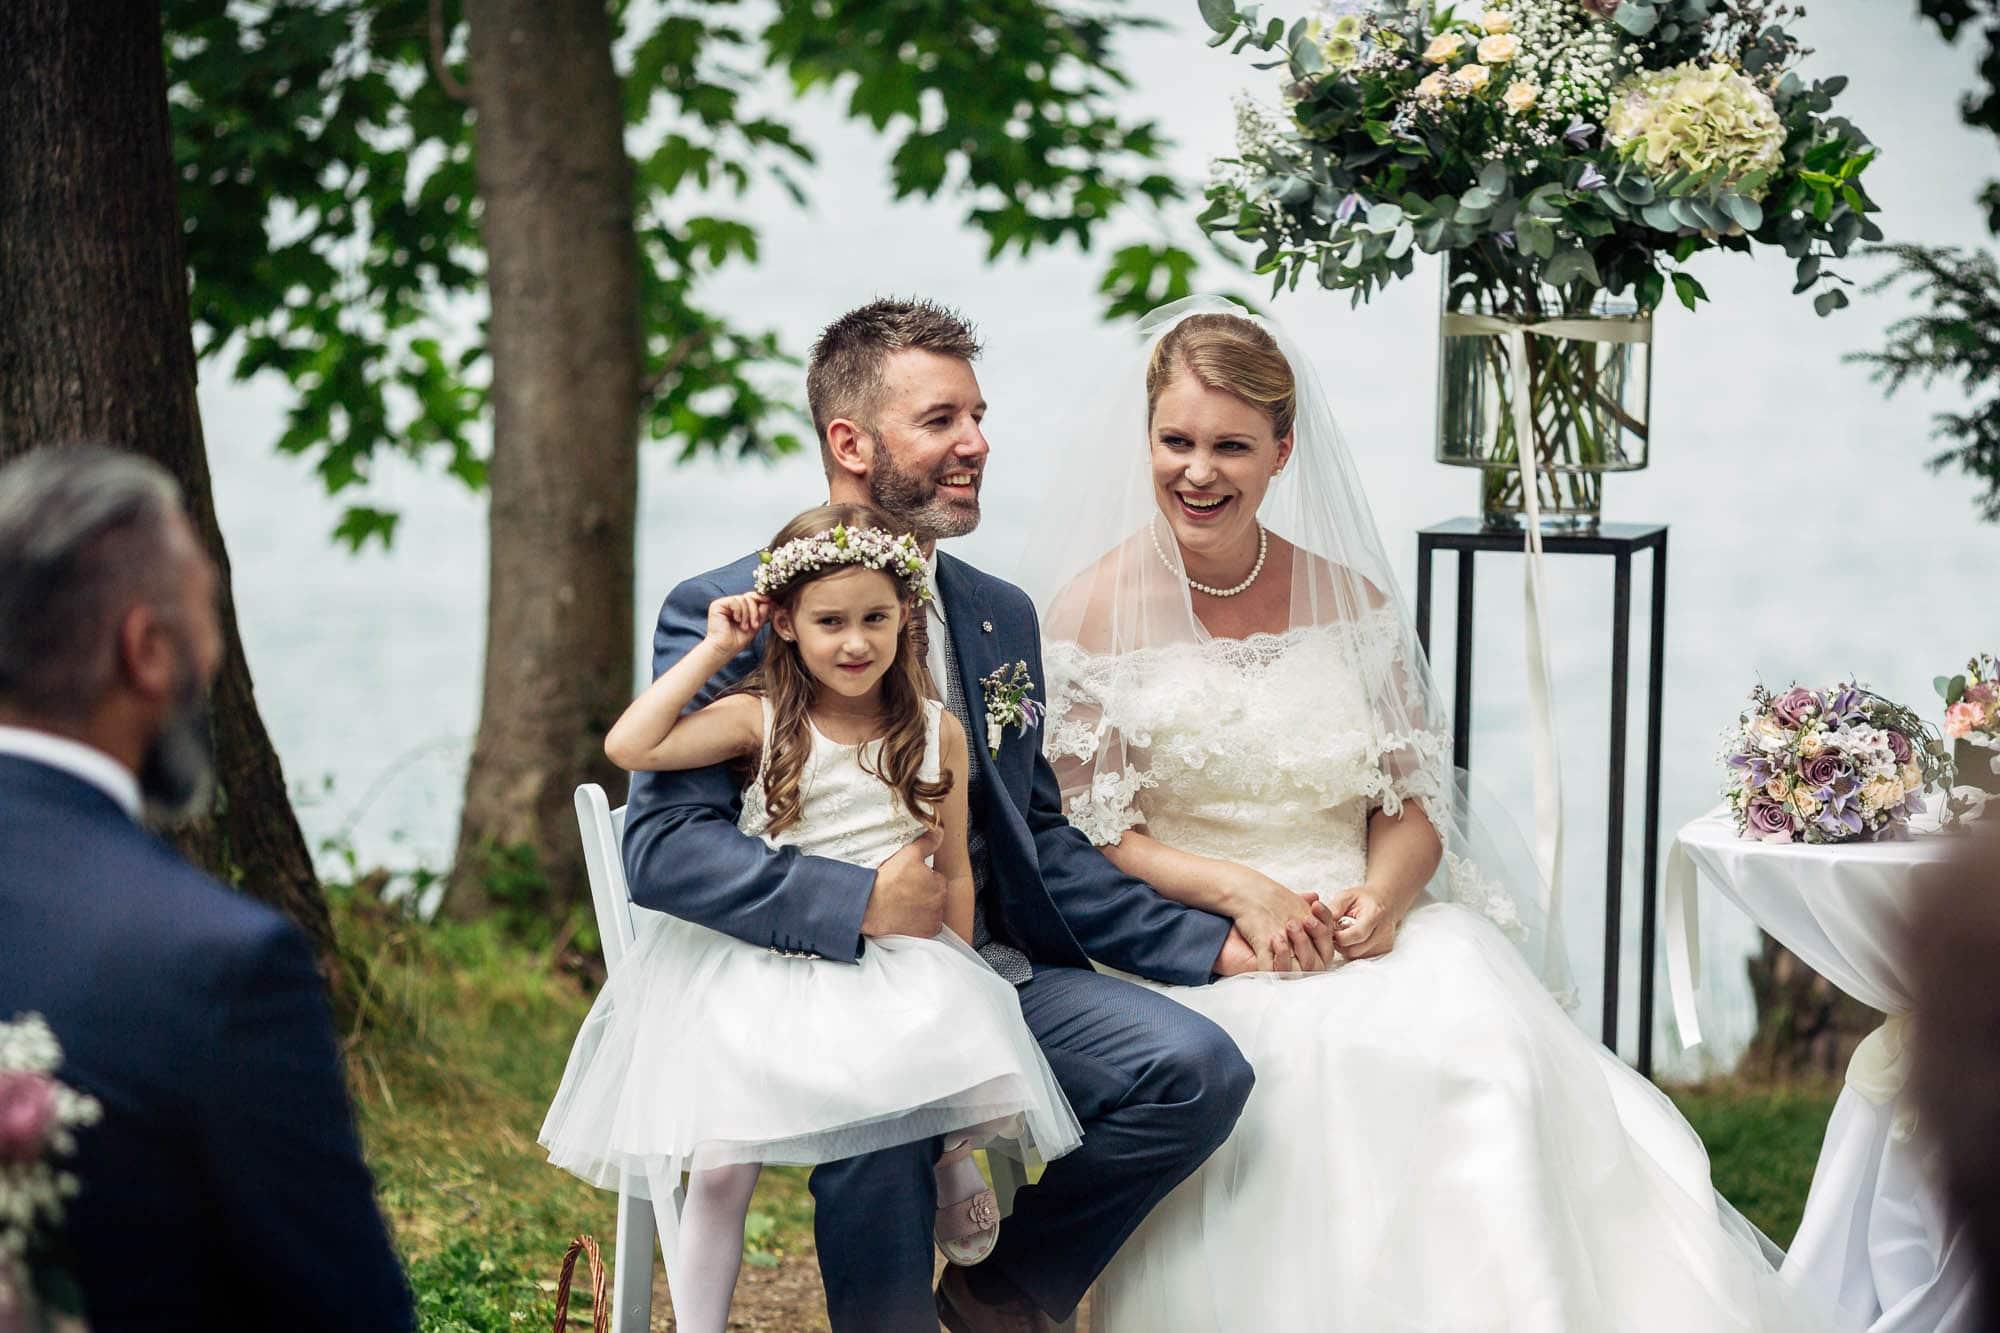 Hochzeitszeremonie am See. Brautpaar lacht.